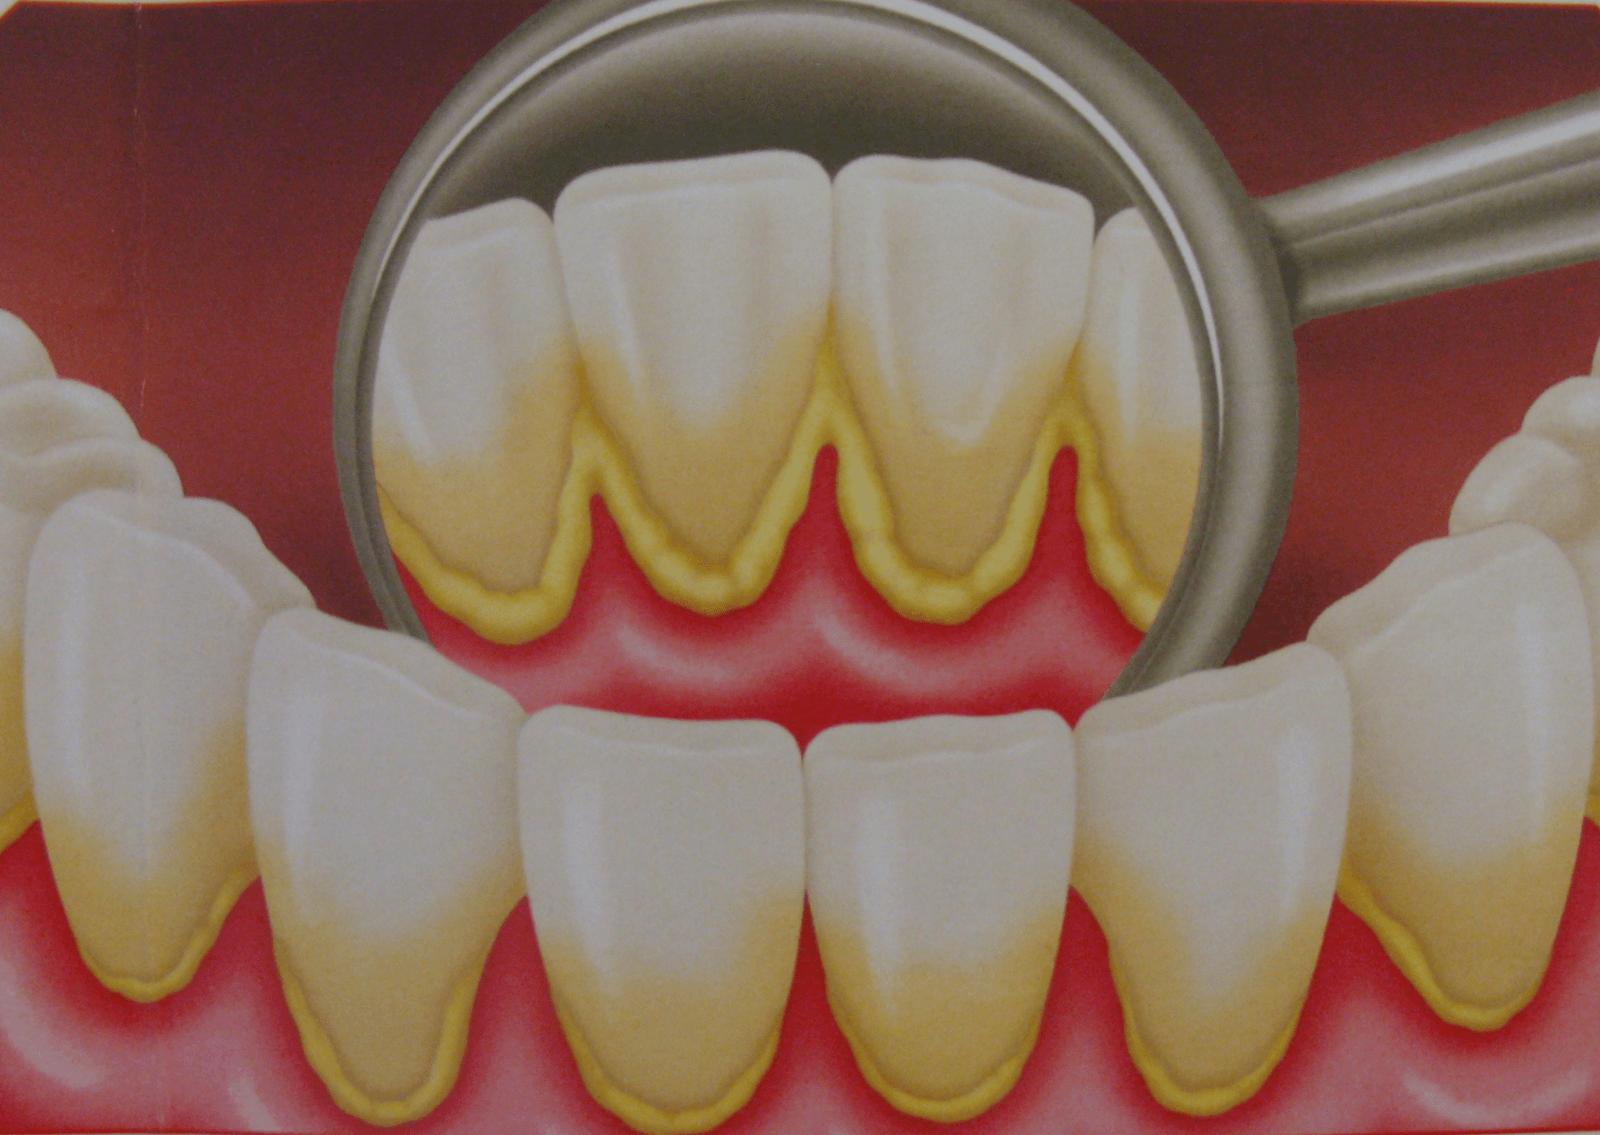 Зубной камень: причины образования и как избавиться от него